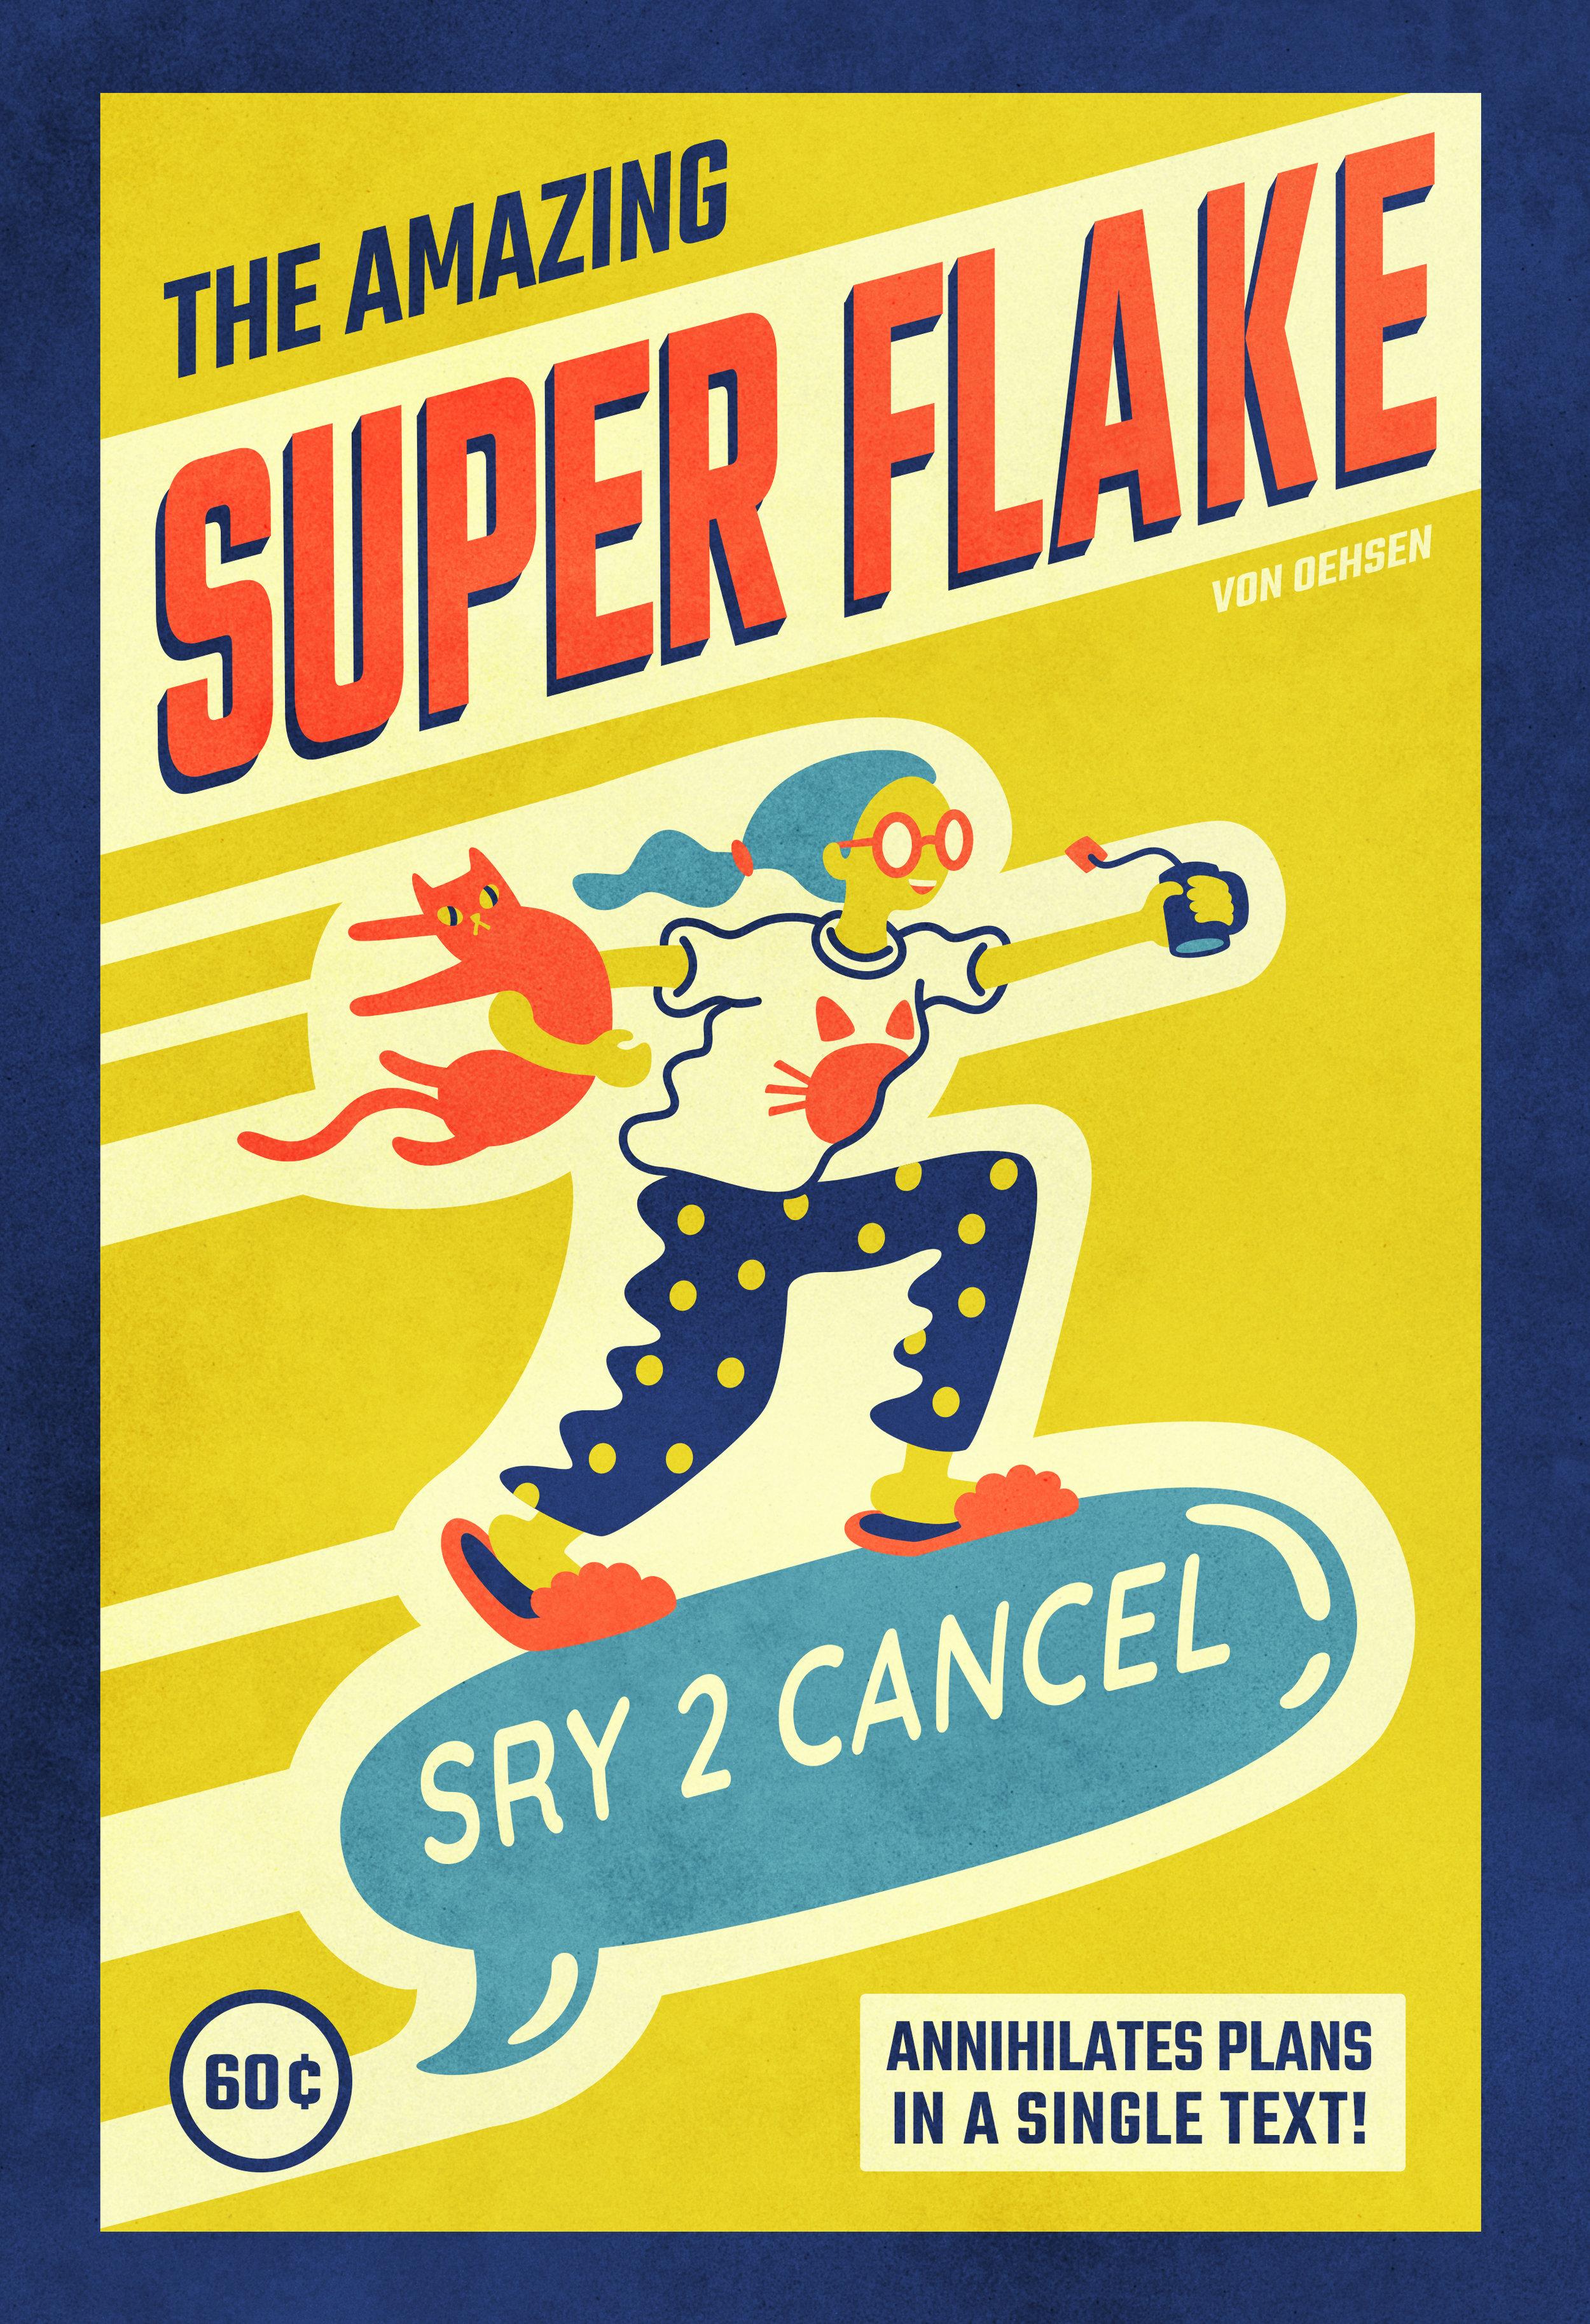 Super Flake Print